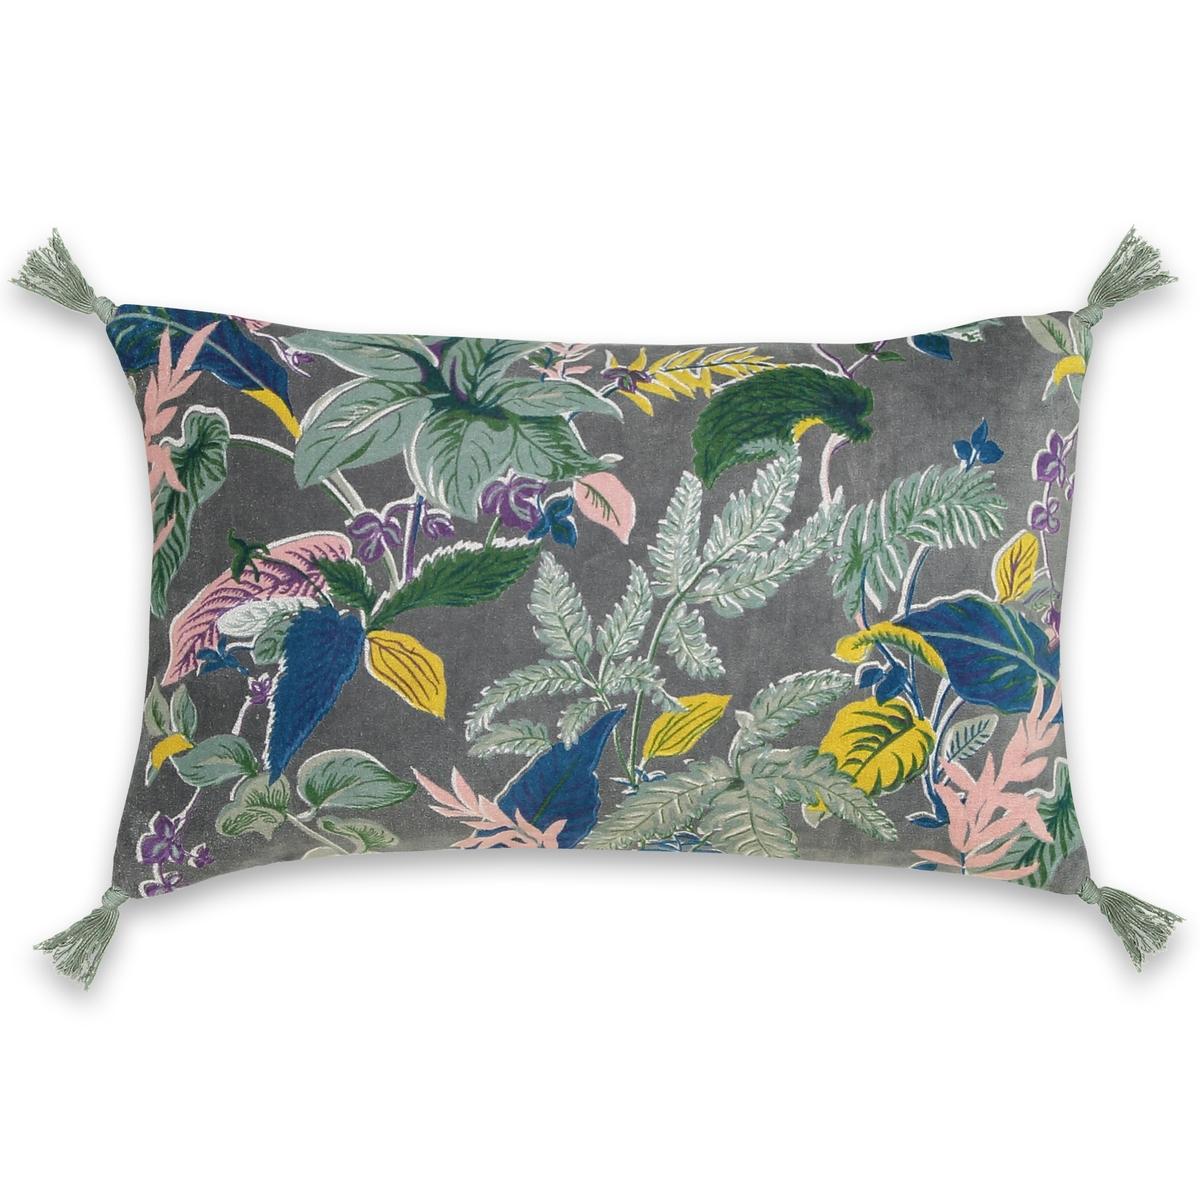 Чехол на подушку-валик, Hiemala<br><br>Цвет: набивной рисунок